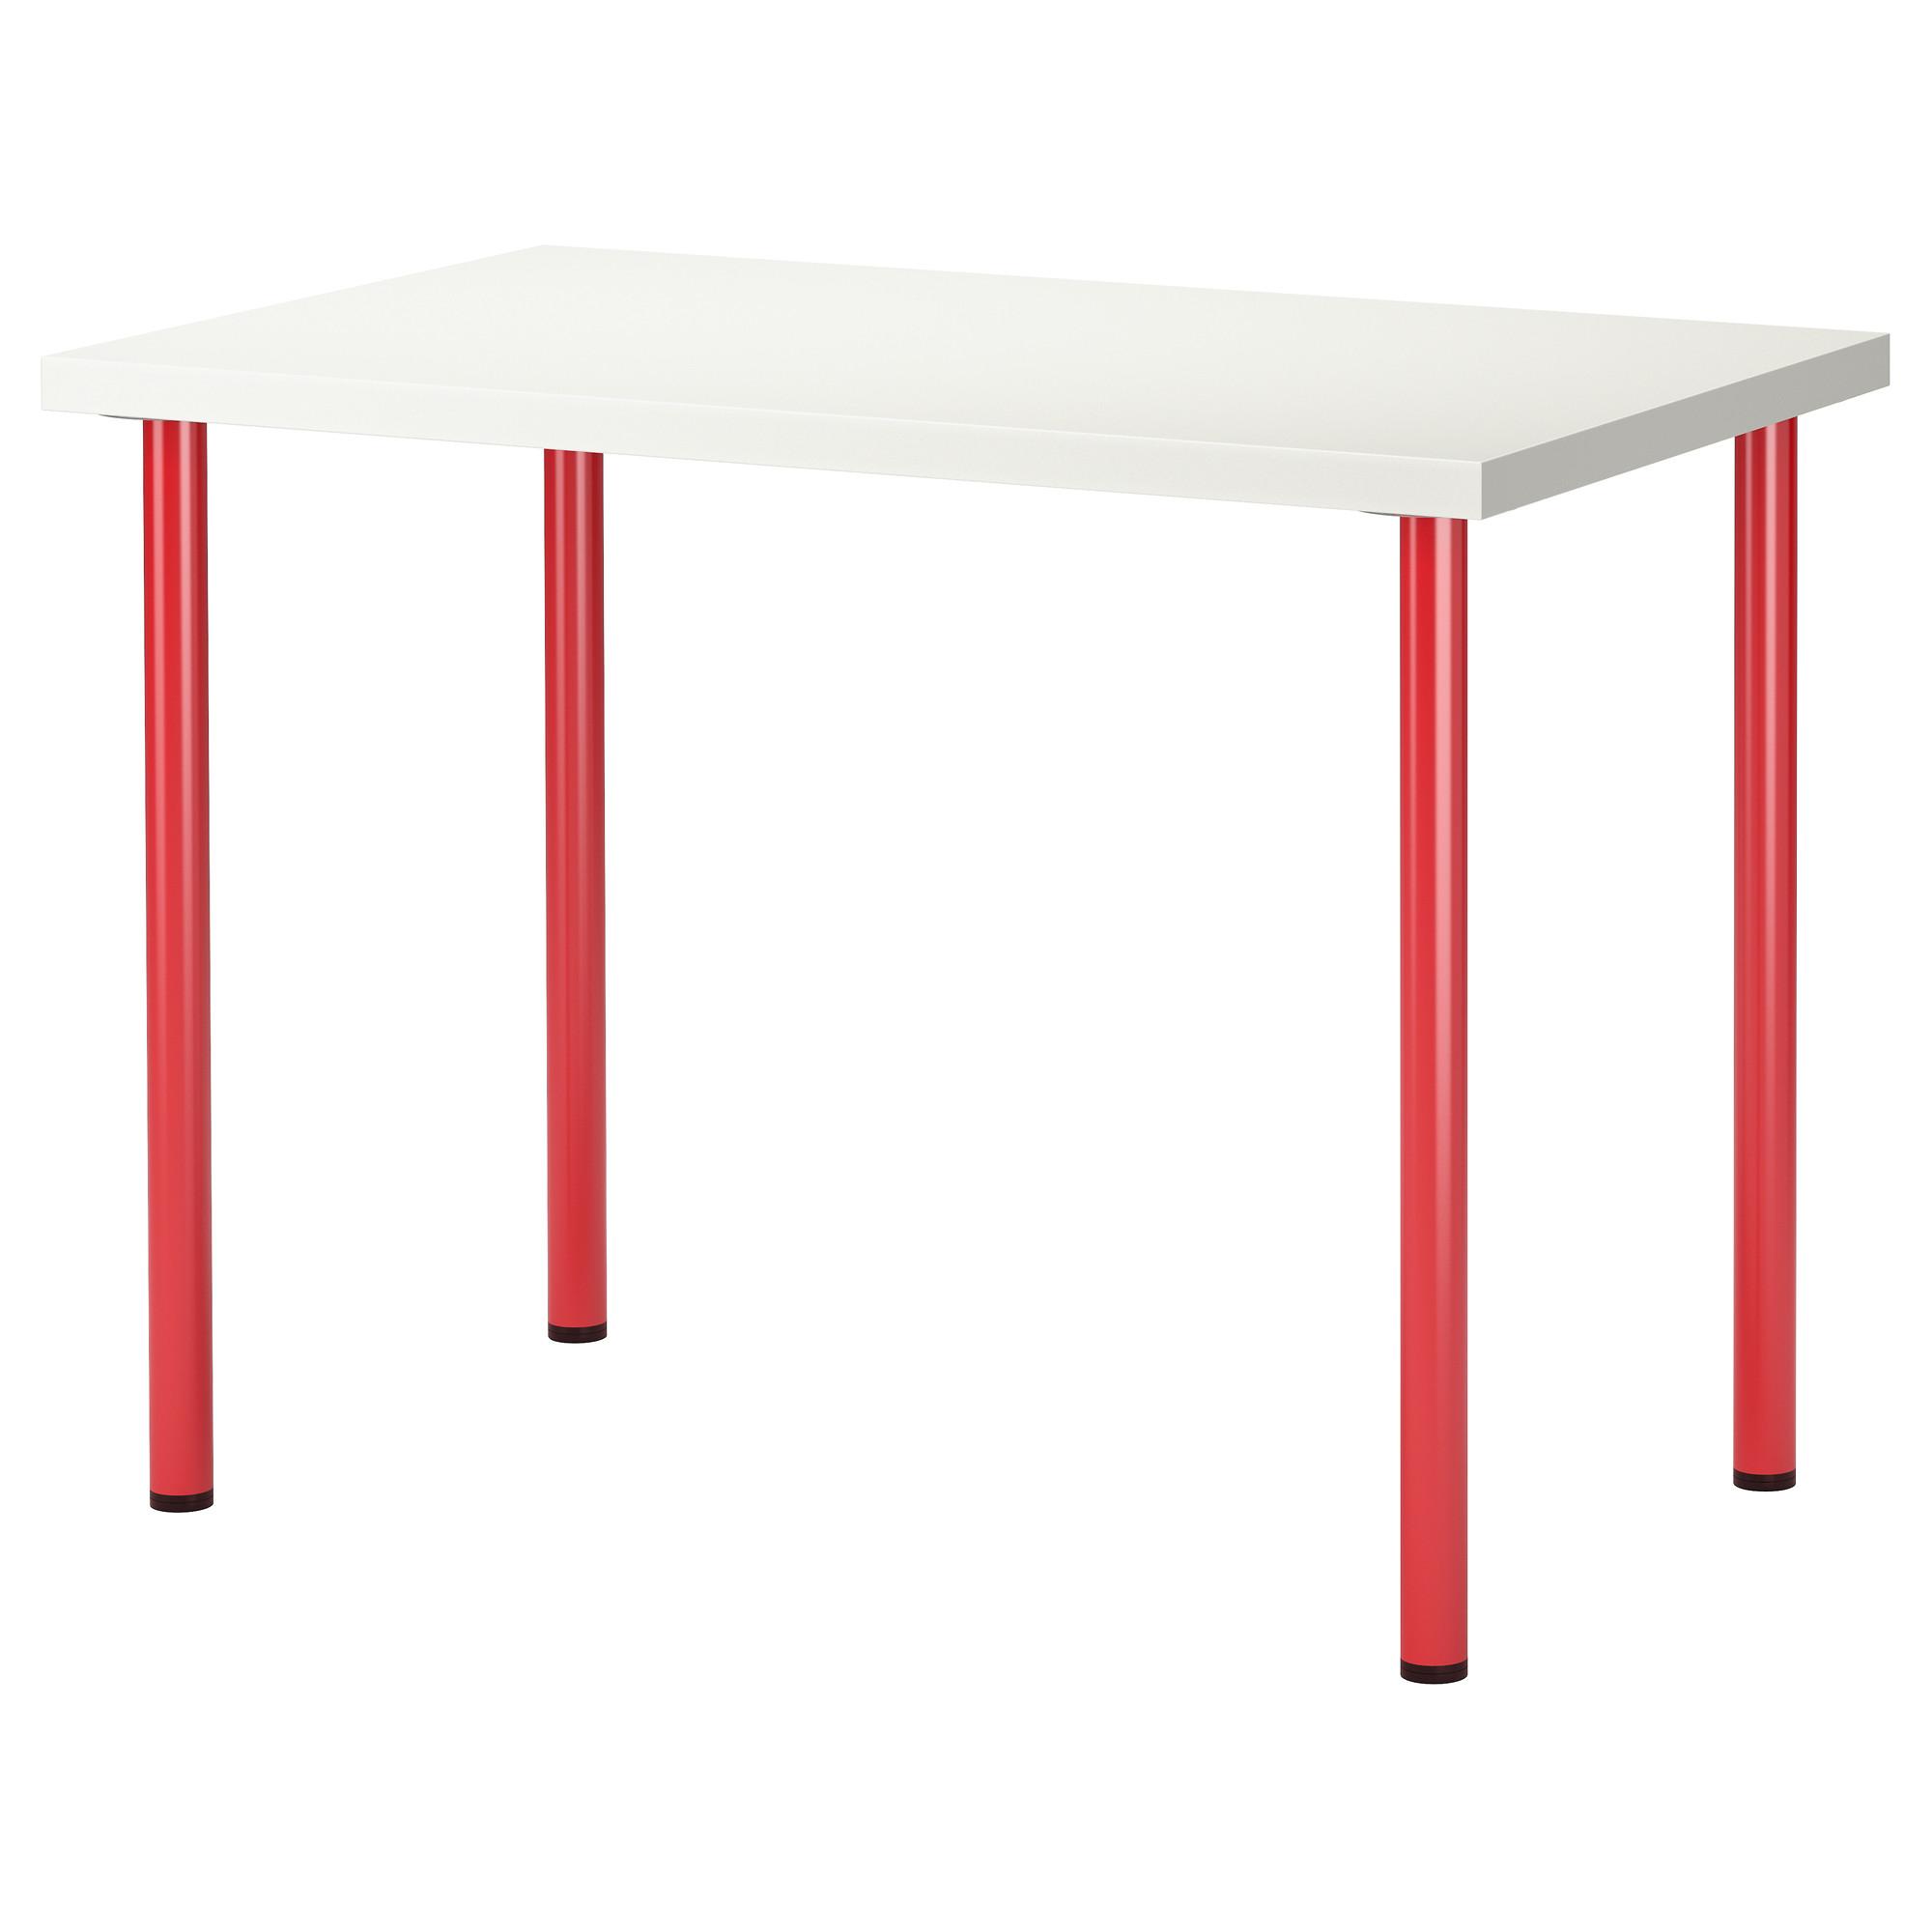 Ikea spulschrank blende